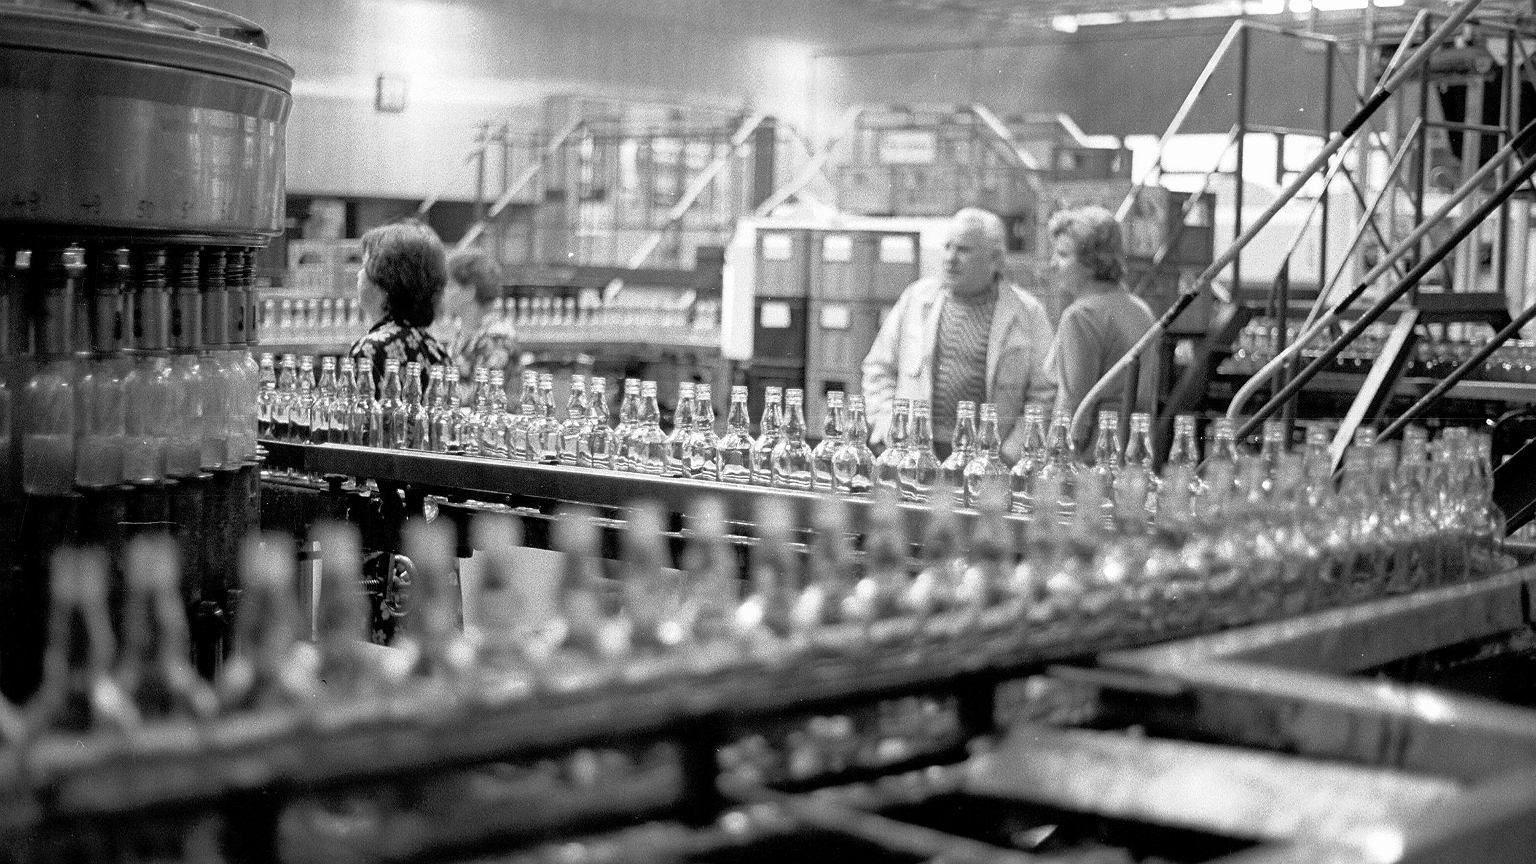 1989, produkcja wódki żytniej w Warszawskich Zakładach Przemysłu Spirytusowego